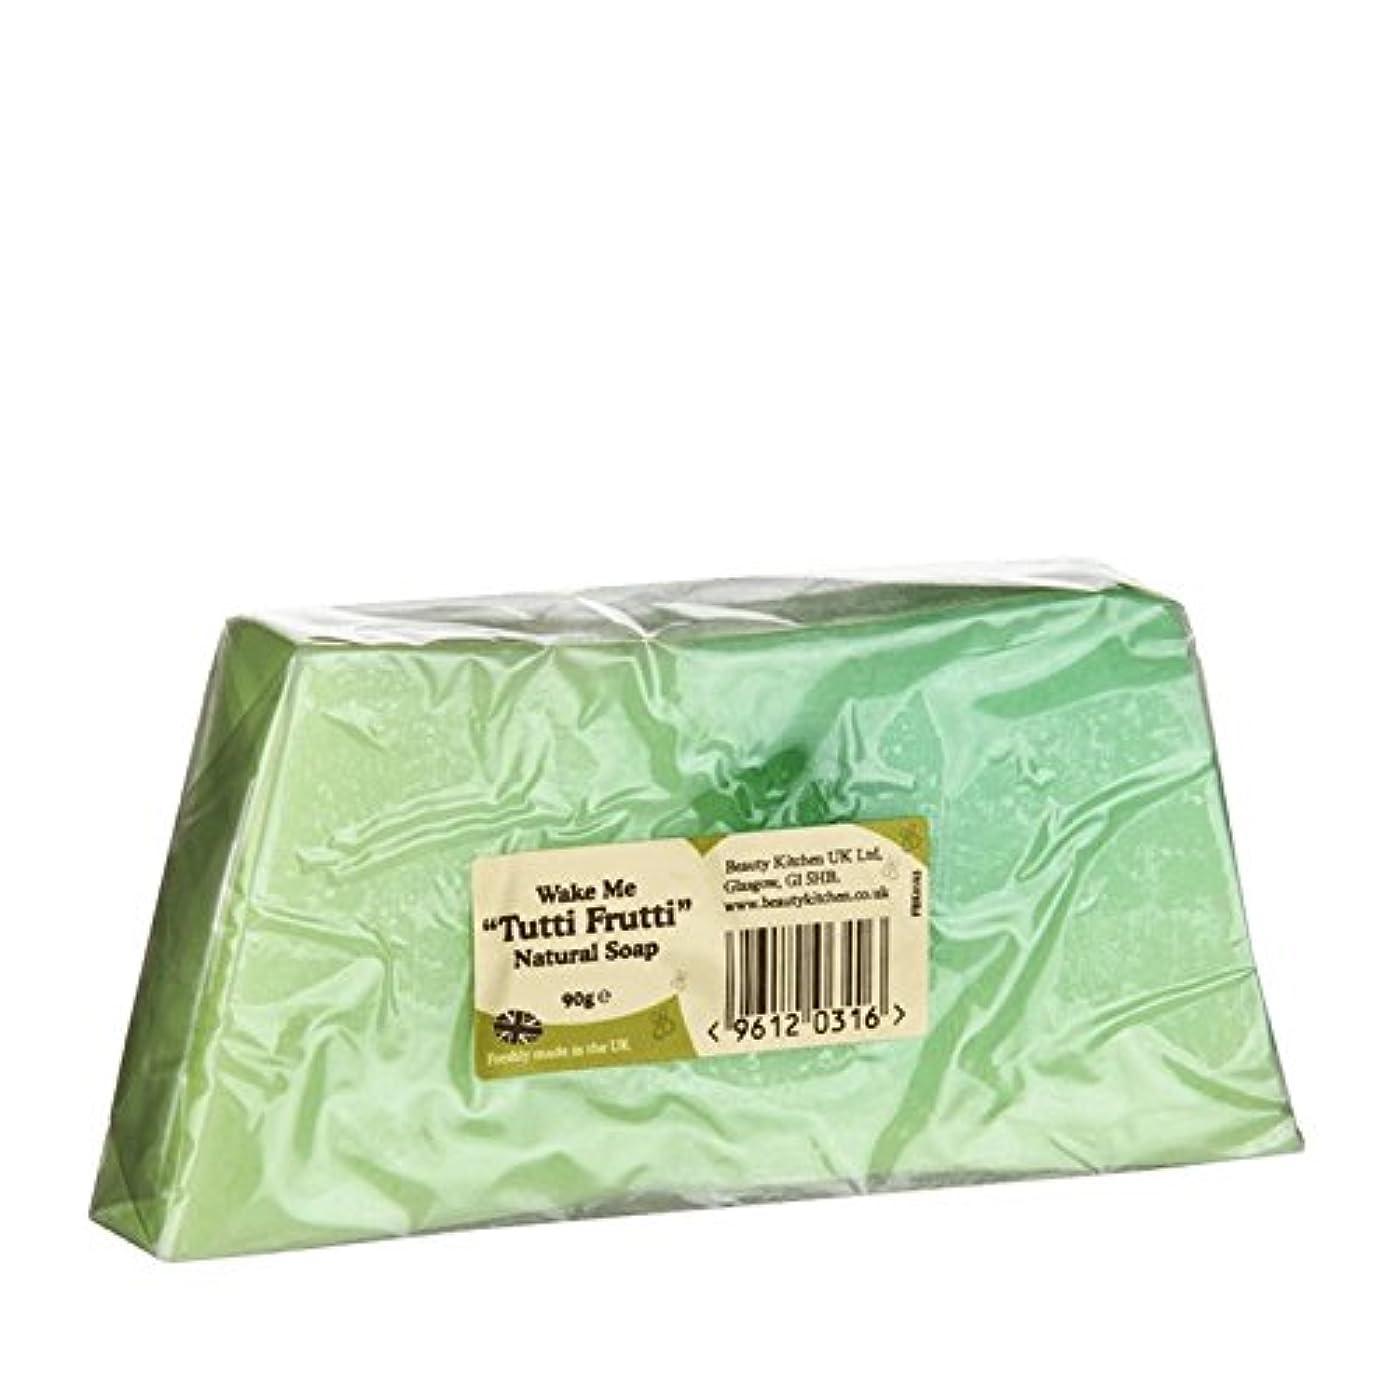 会計義務ウィスキーBeauty Kitchen Wake Me Tutti Frutti Natural Soap 90g (Pack of 2) - 美しさのキッチンは私トゥッティフルッティの天然石鹸90グラムウェイク (x2) [並行輸入品]